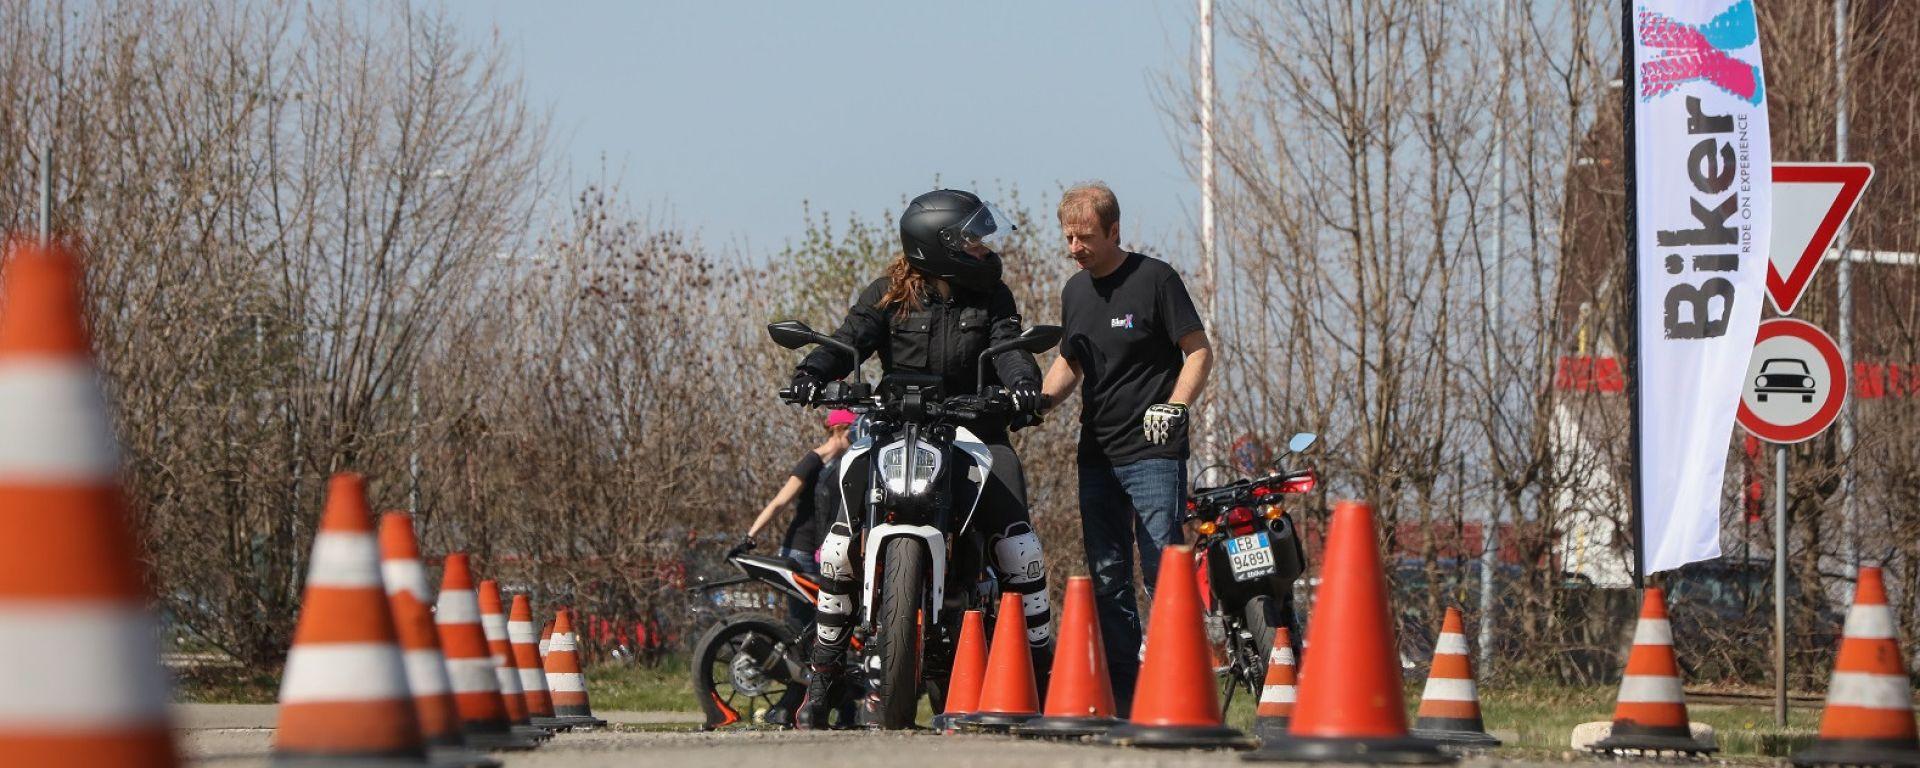 BikerX: la scuola per motociclisti sbanca Reggio Emilia